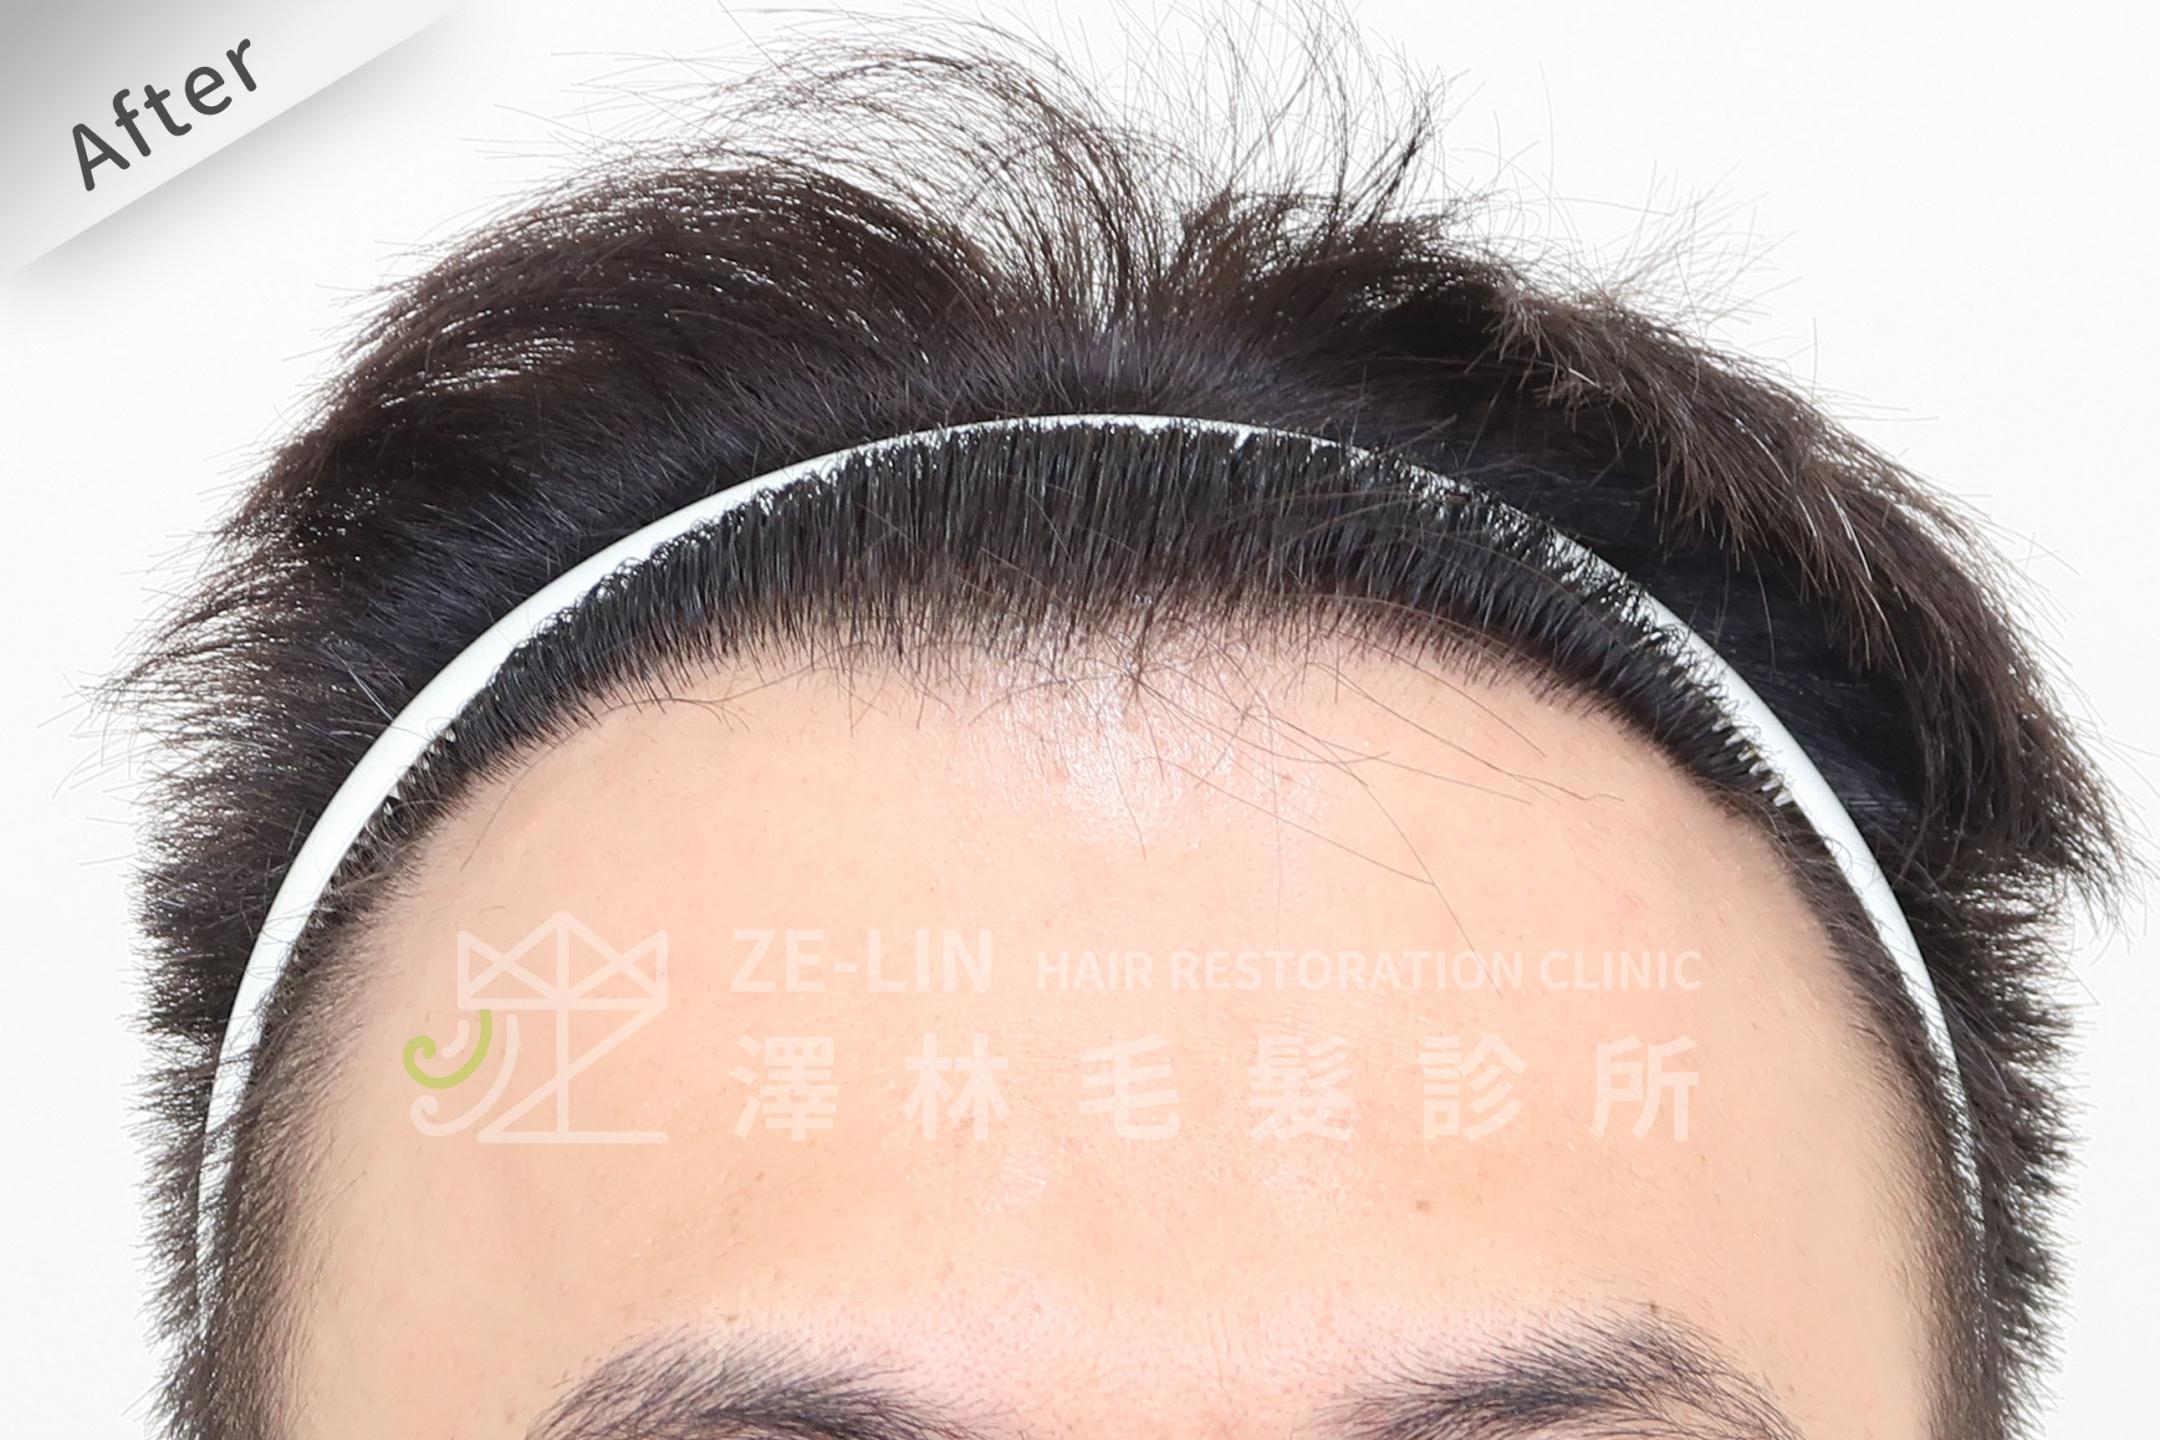 M型禿植髮推薦案例心得分享術後9-1